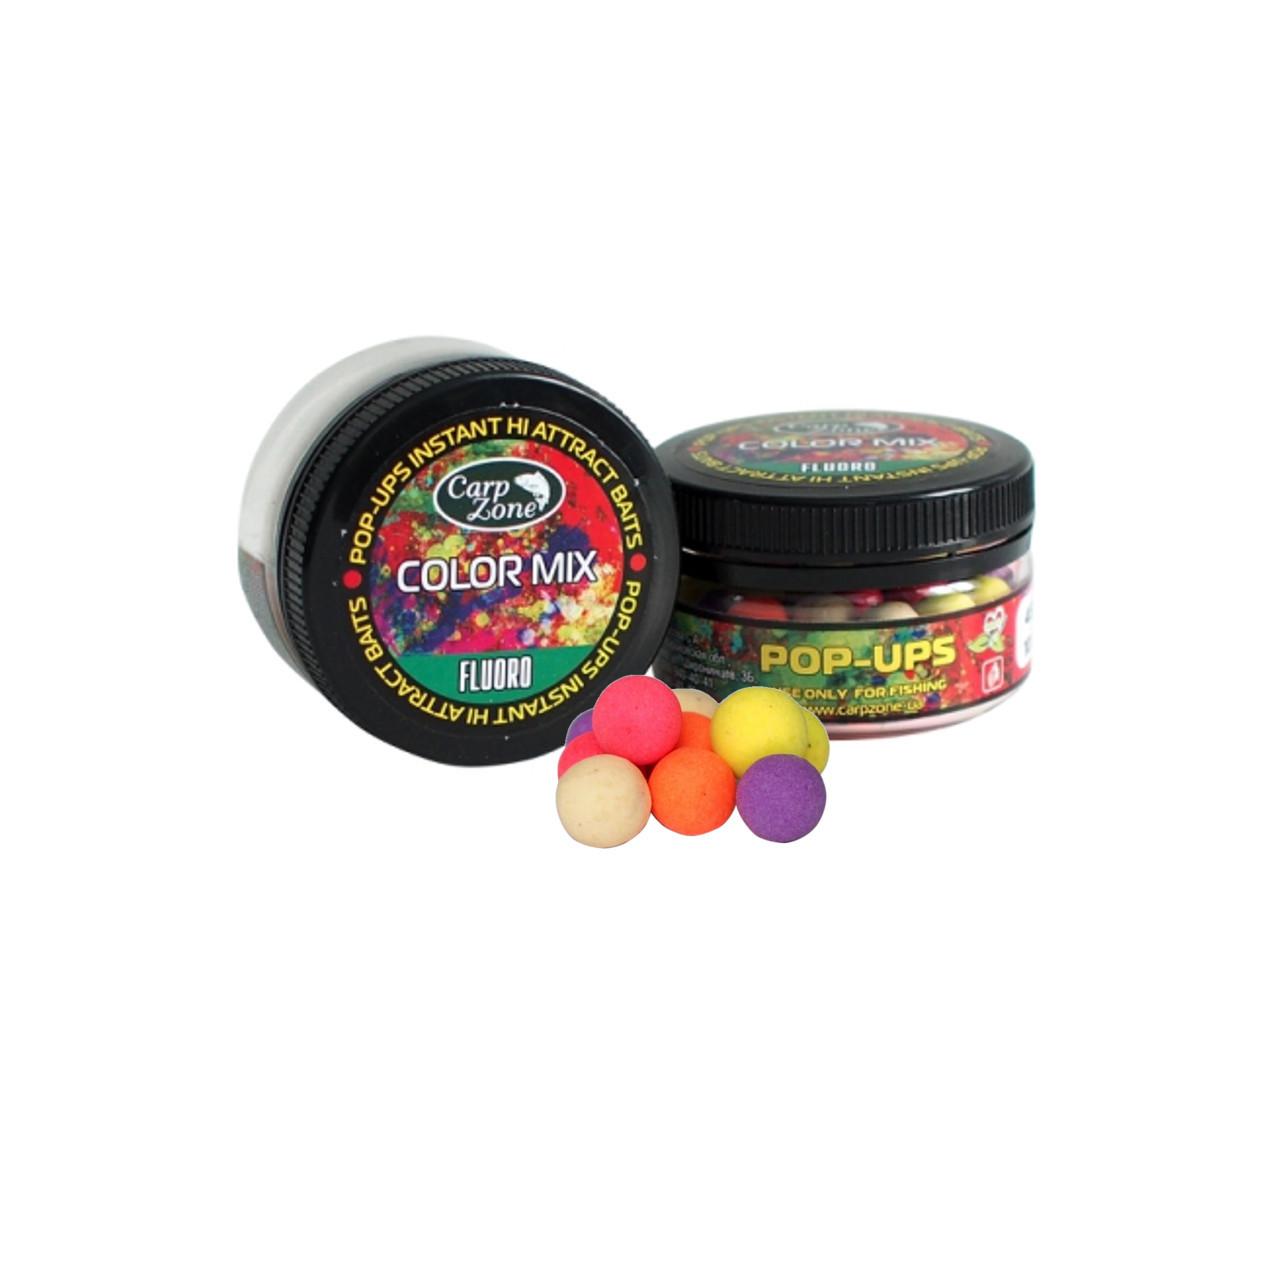 Поп Ап Pop-Ups Fluro Color Mix (Цветной микс)  12mm/30pc